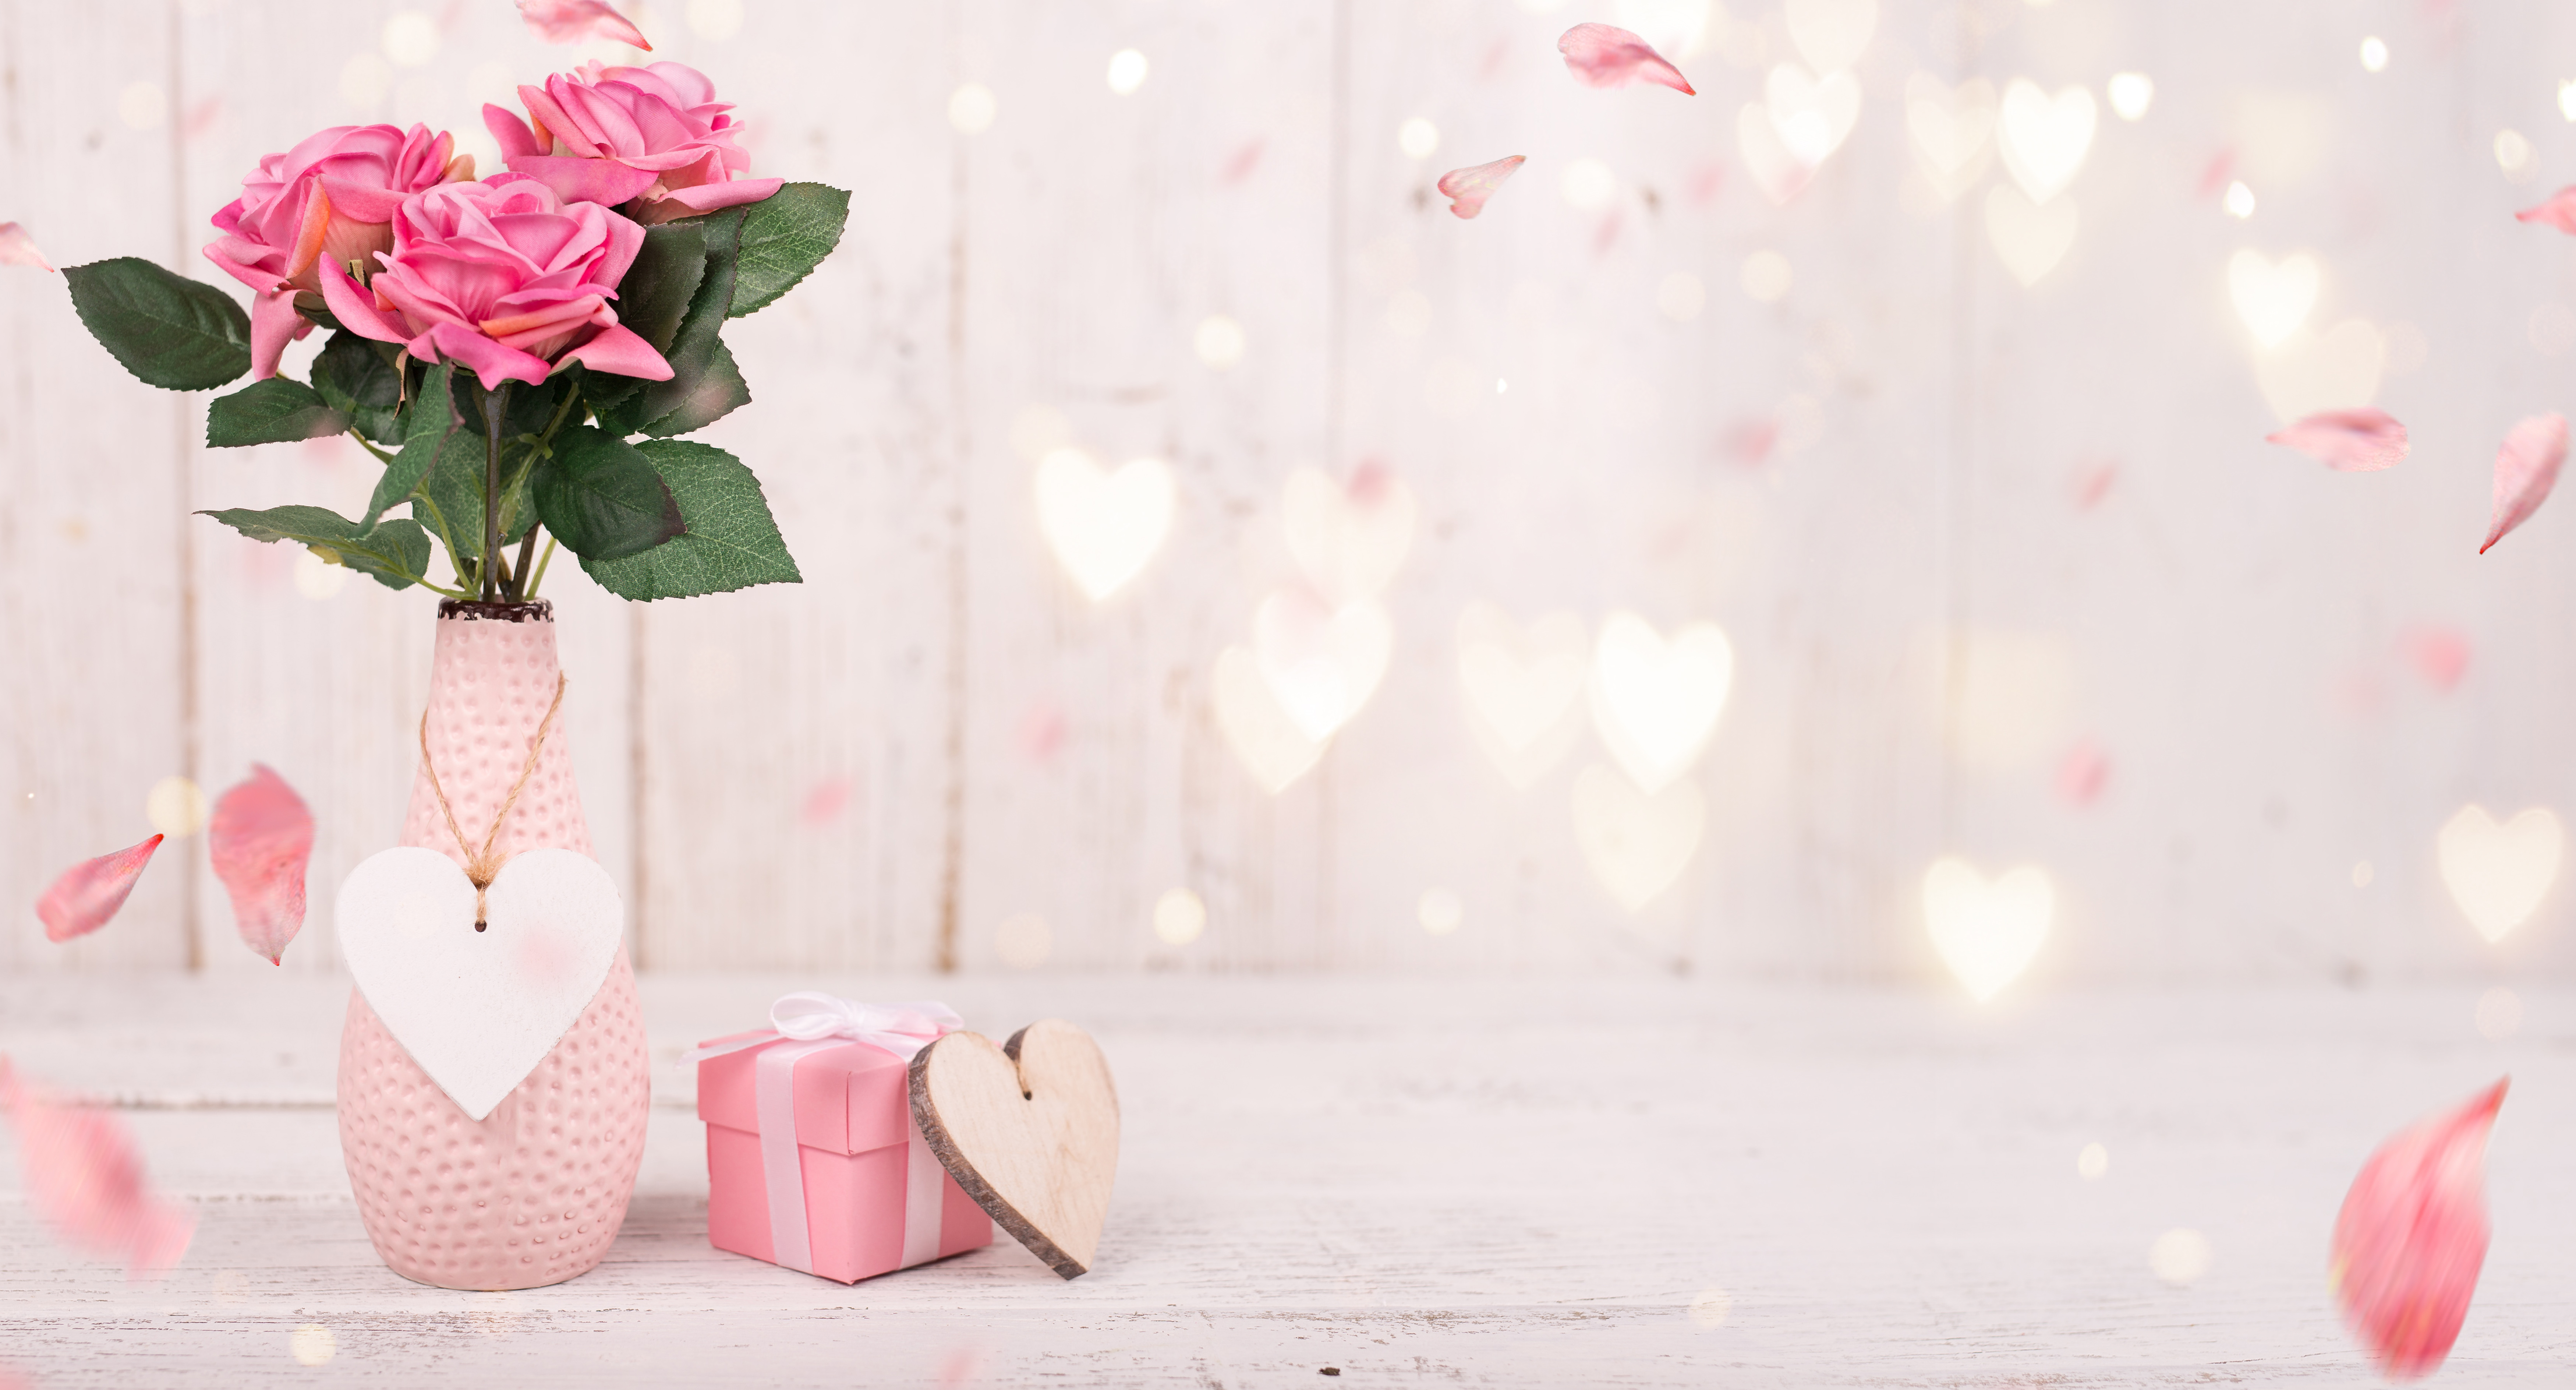 Hochzeitsgeschenke auf Traumhochzeit.online